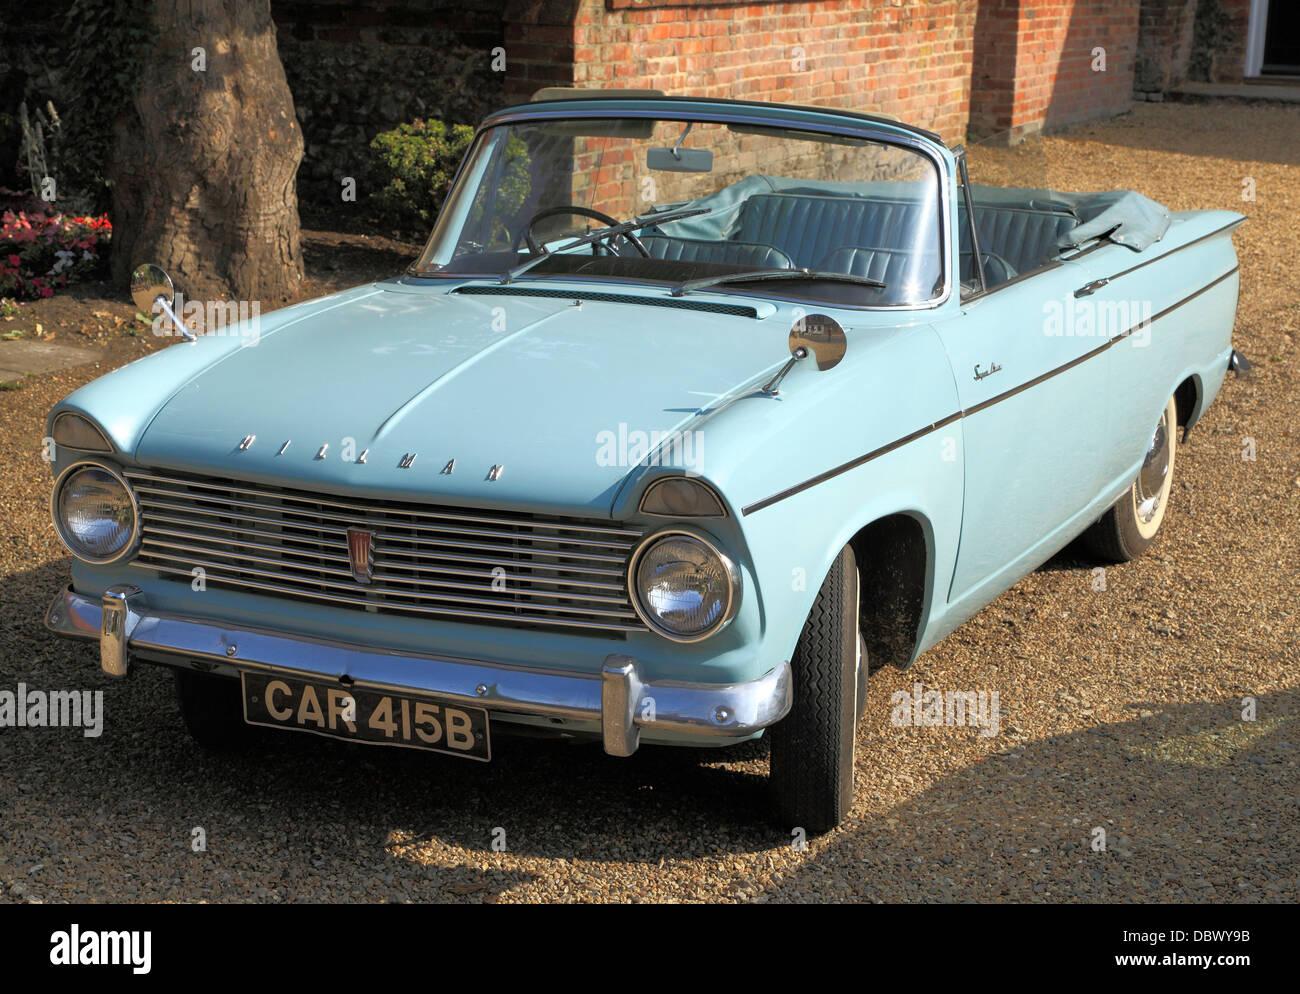 Hillman Super Minx, 1960 vintage motor car, en voitures classiques Hillmans véhicules décapotables, convertibles, Photo Stock